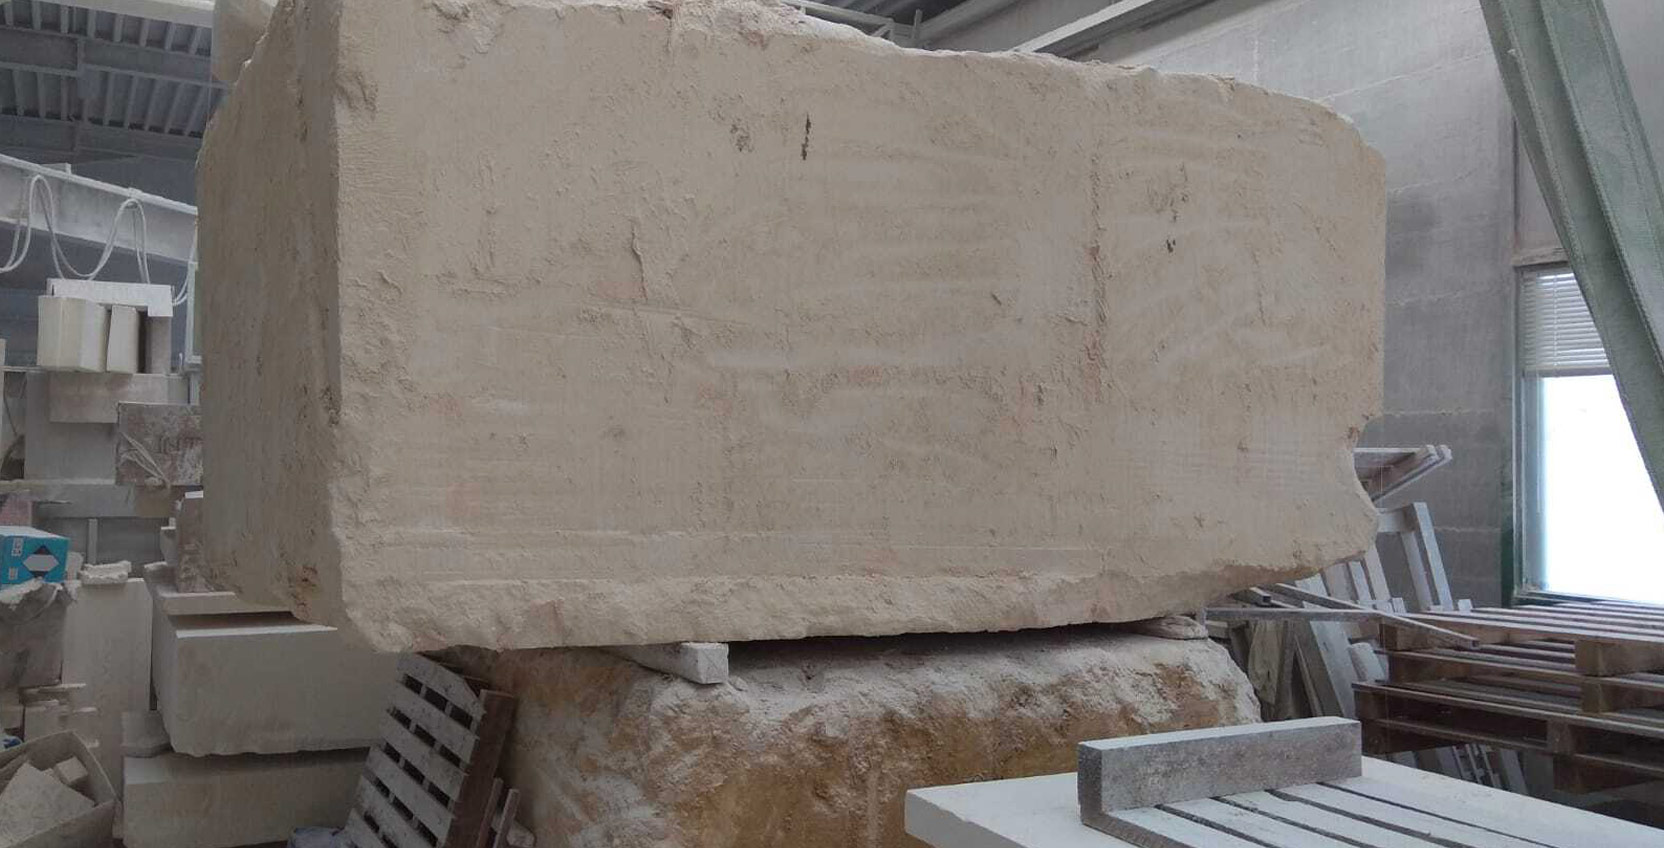 Lavorazione artigianale della pietra a Longare Vicenza La Bottega Vecia